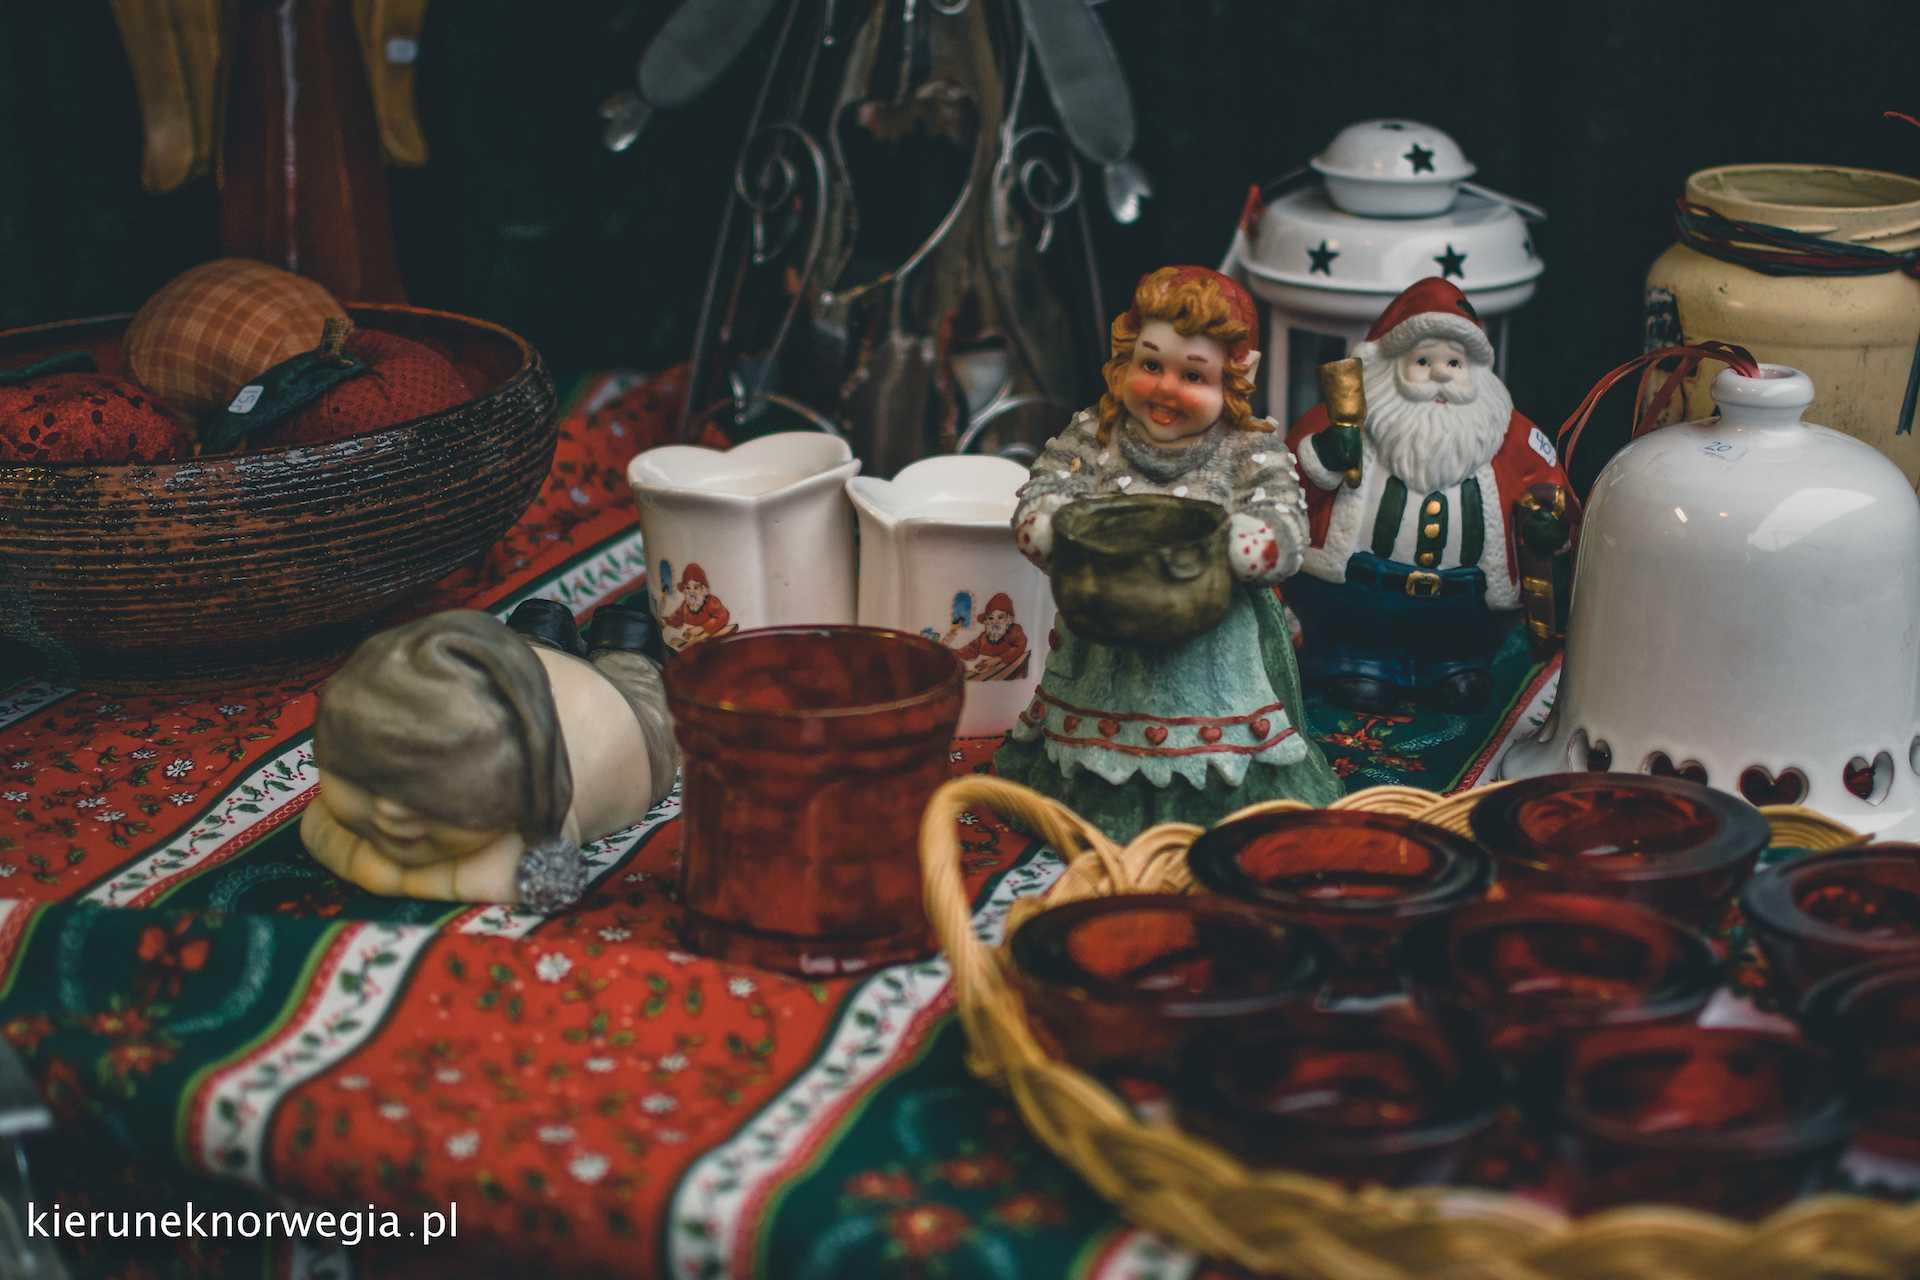 sklepy zużywanymi rzeczami wNorwegii